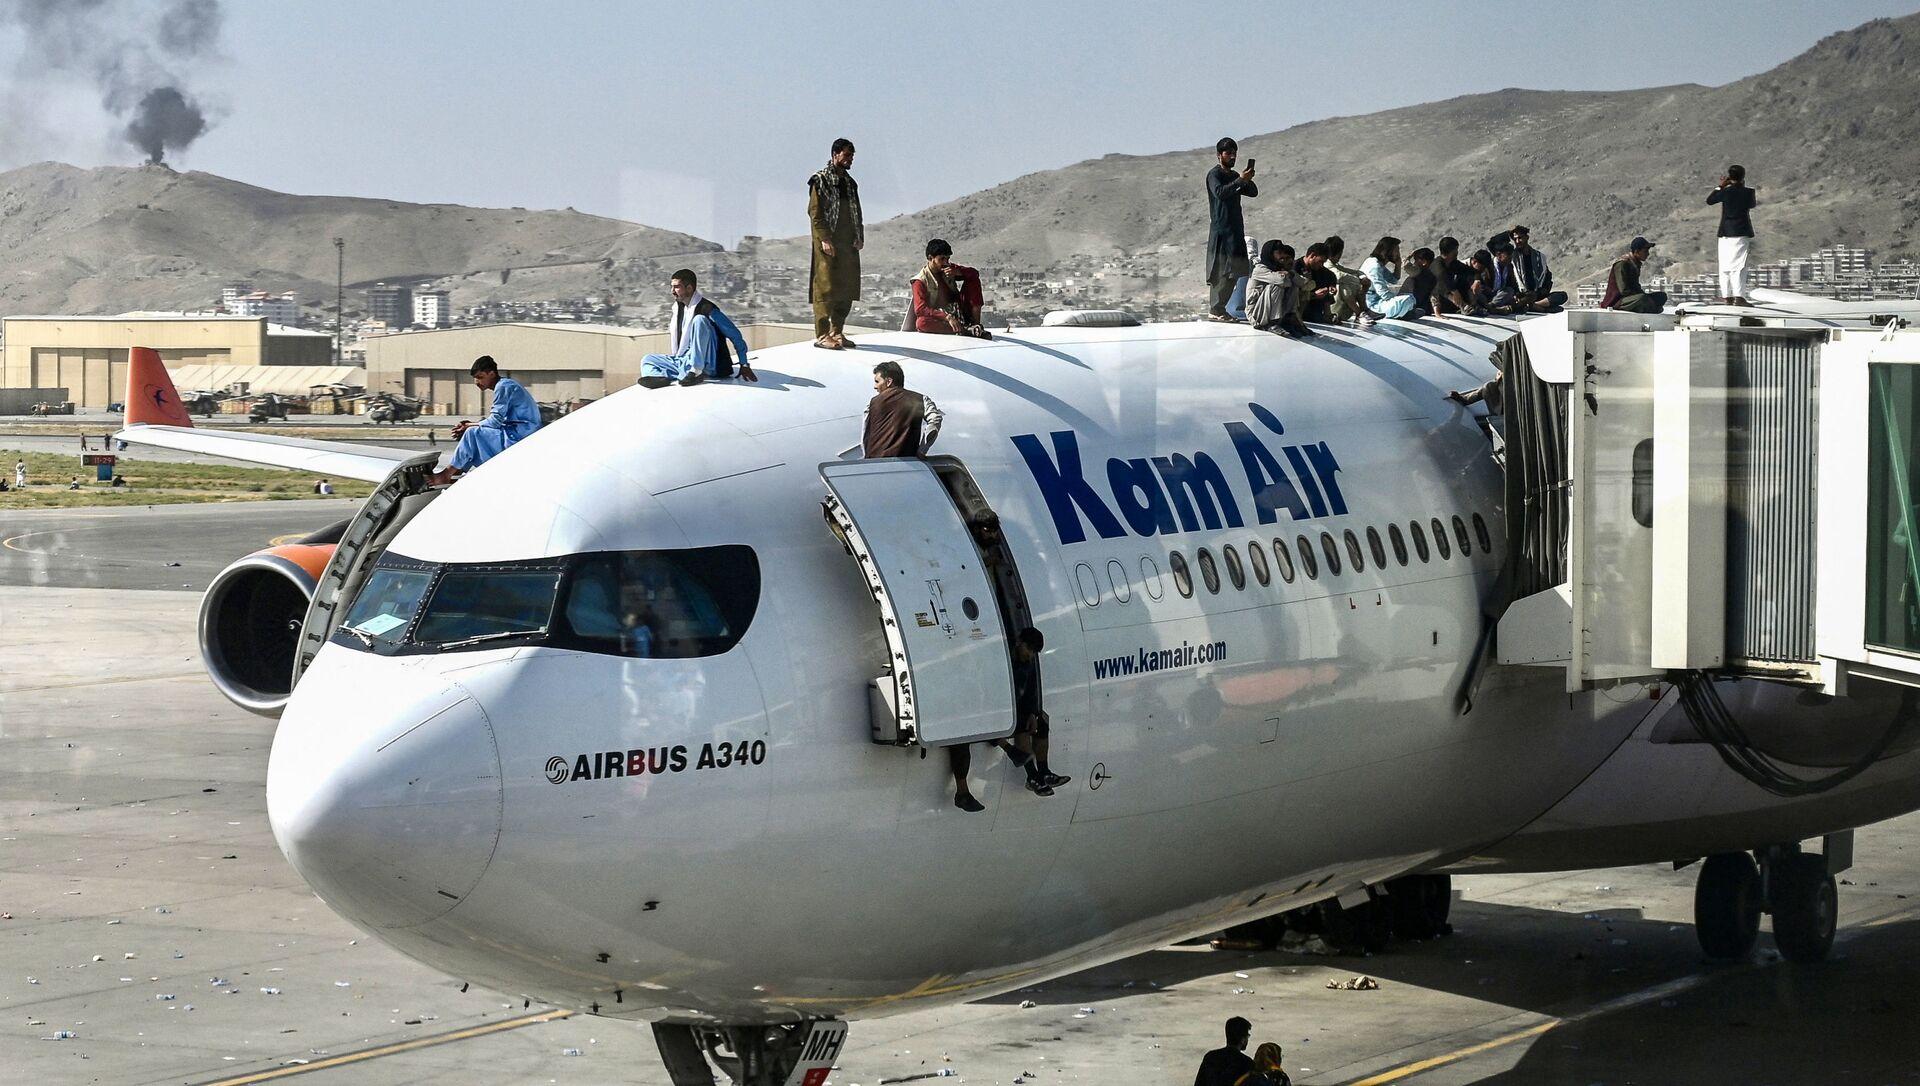 Des Afghans en attente d'évacuation à l'aéroport de Kaboul - Sputnik France, 1920, 28.08.2021